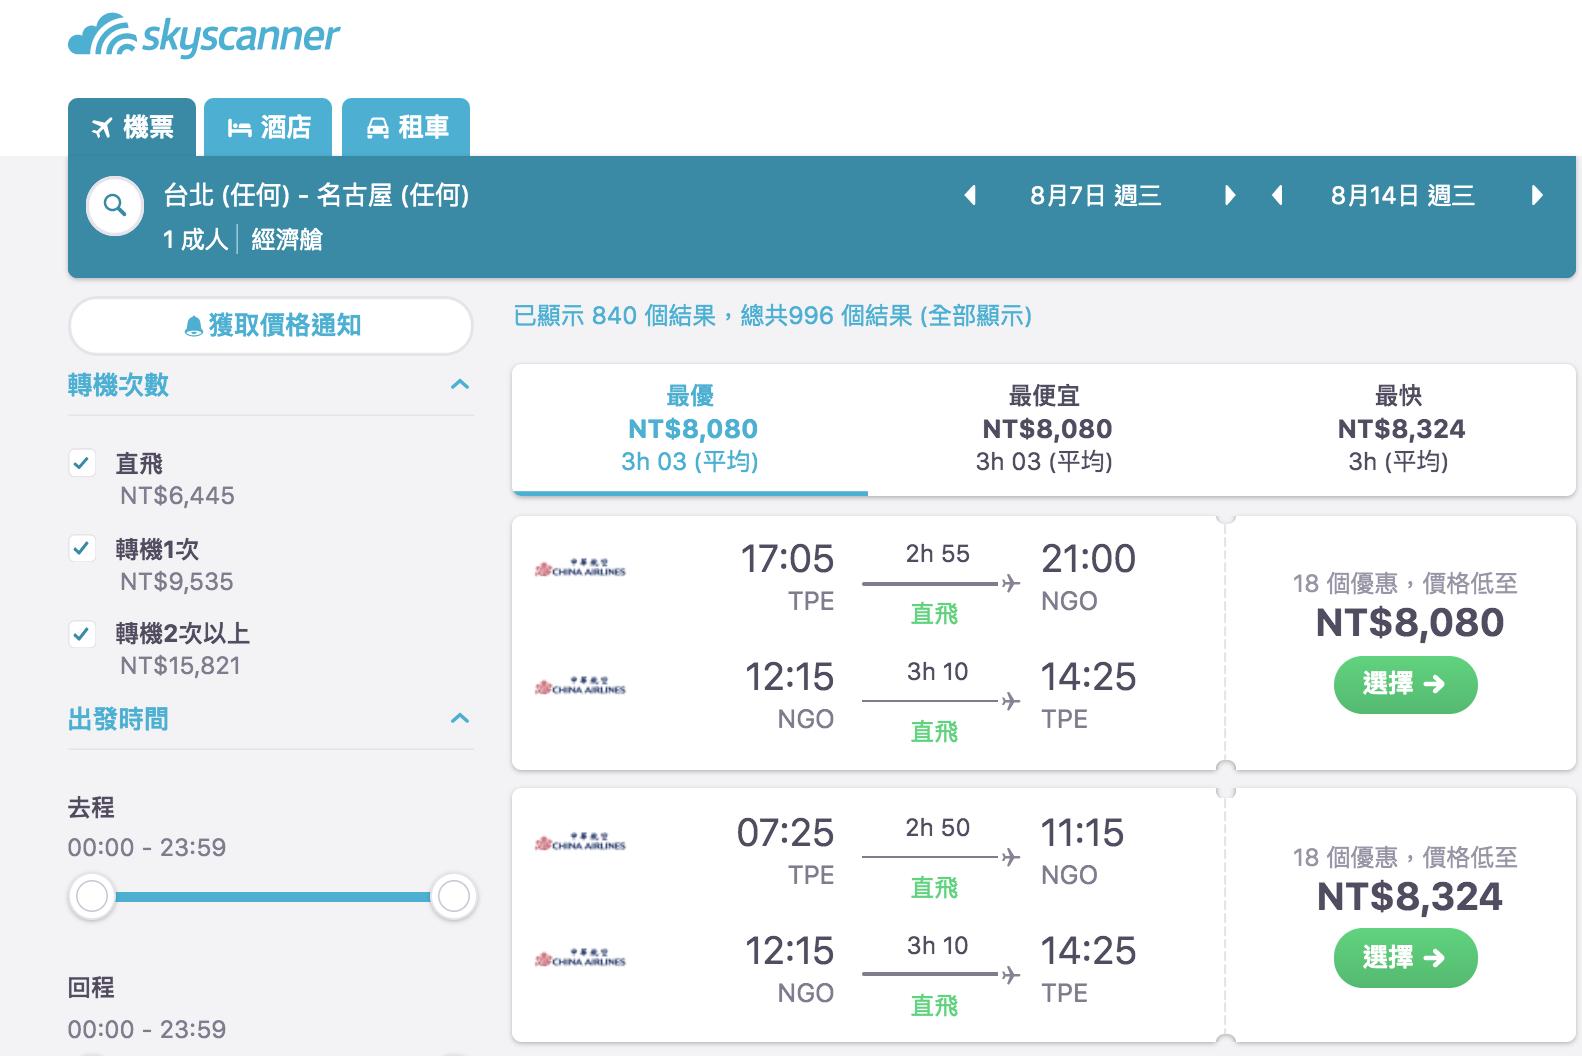 暑假日本機票傳統航空技巧性低價日期,大阪8K、福岡7K、沖繩6K~查價:108.7.13 @走走停停,小燈泡在旅行